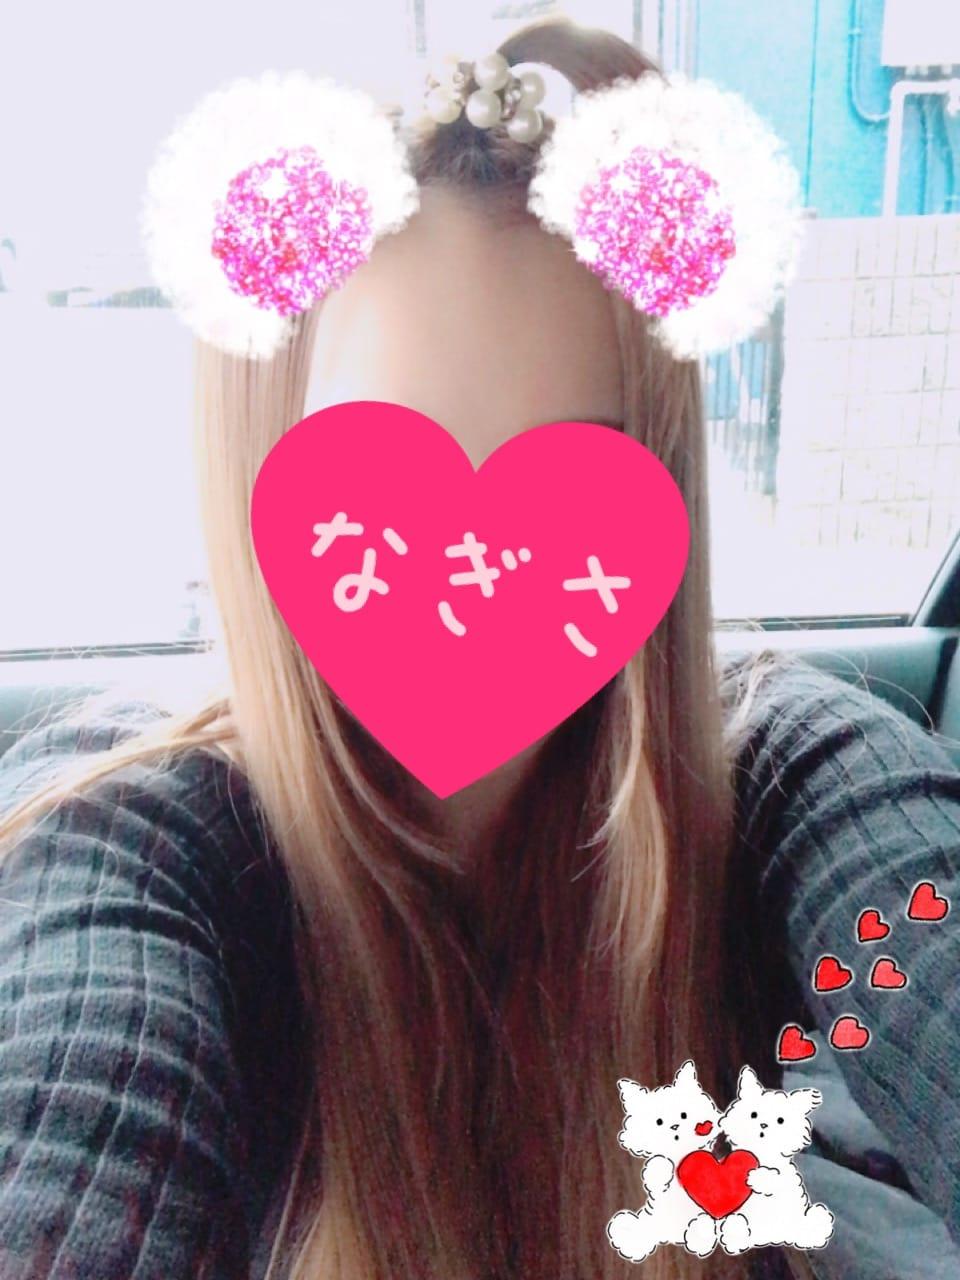 「出勤してるよー❤️❤️❤️」02/19(月) 14:25 | 小柄で爆乳☆なぎさの写メ・風俗動画